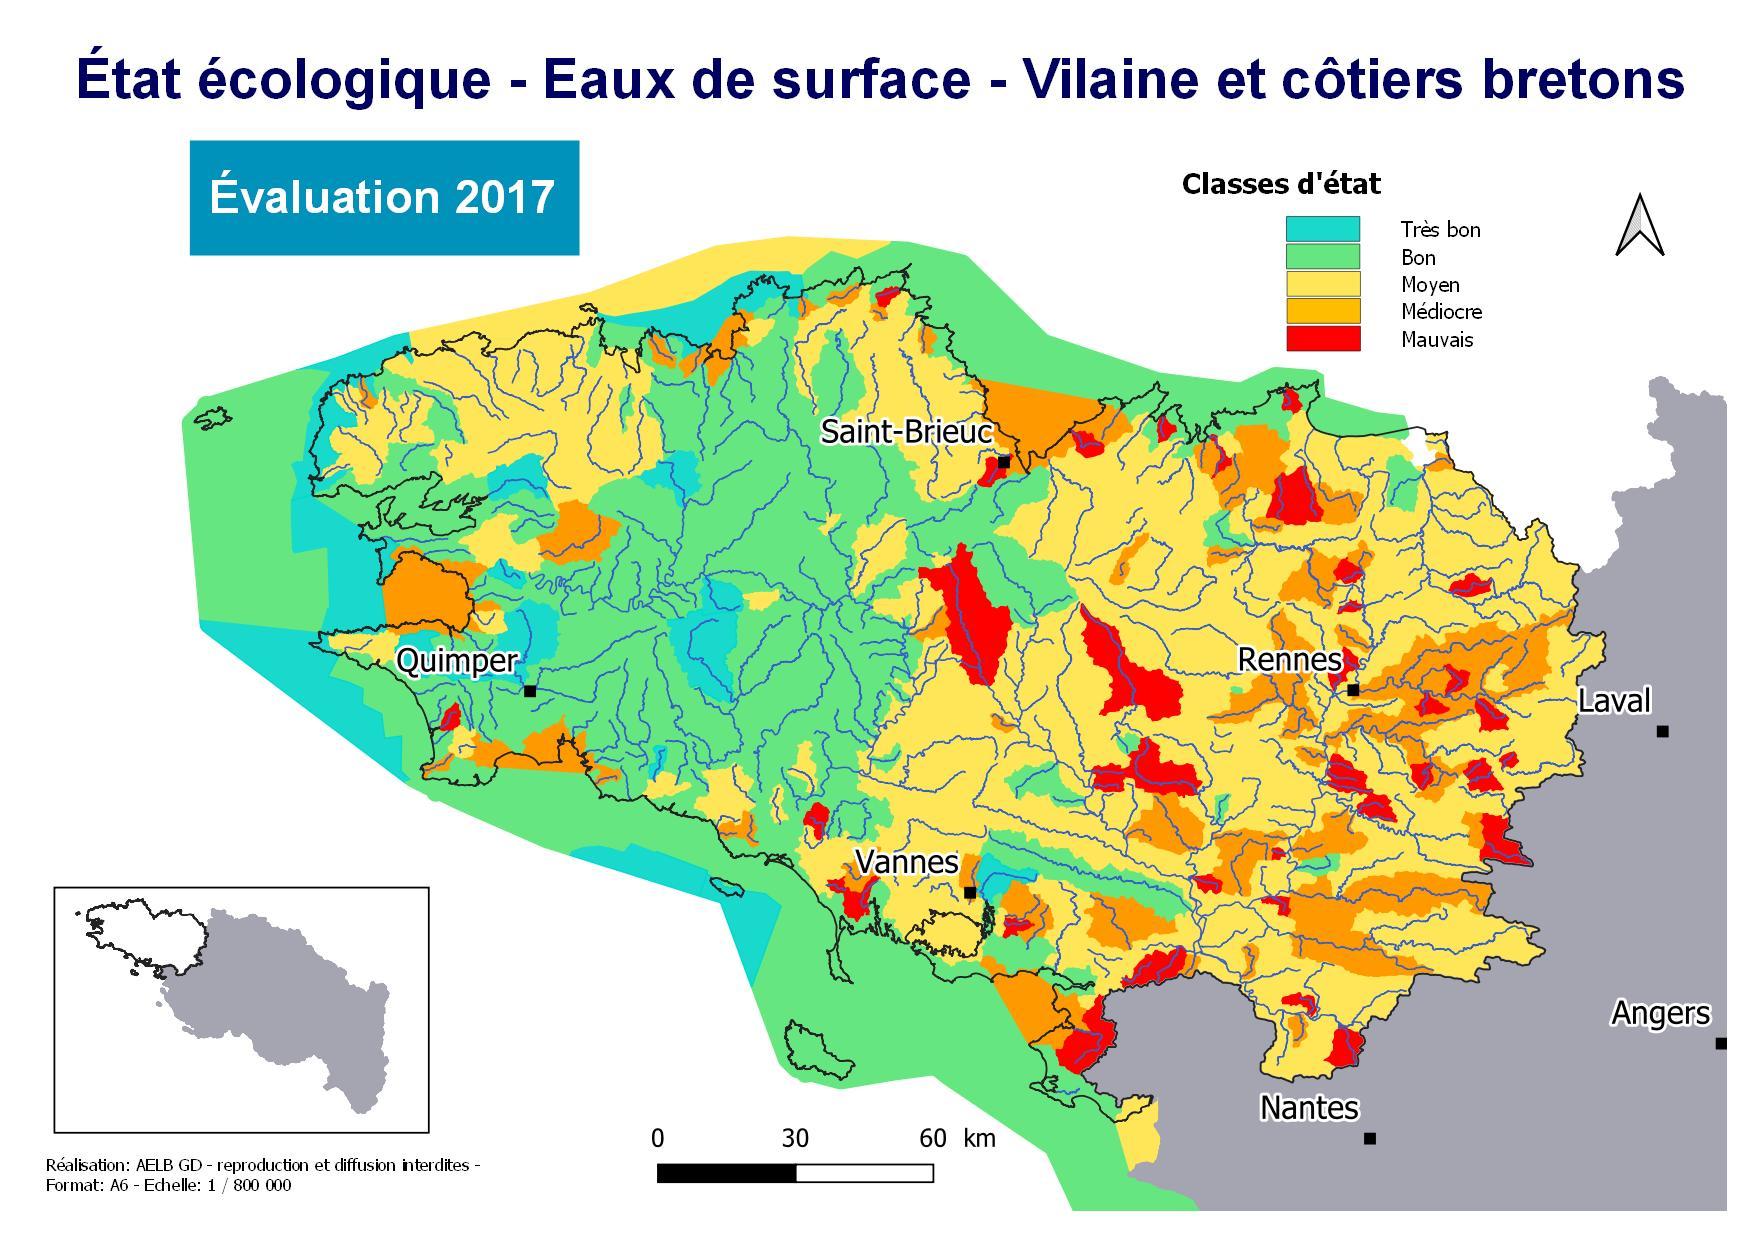 Évaluation 2017 de l'état écologique des eaux de surface - Vilaine et côtiers bretons